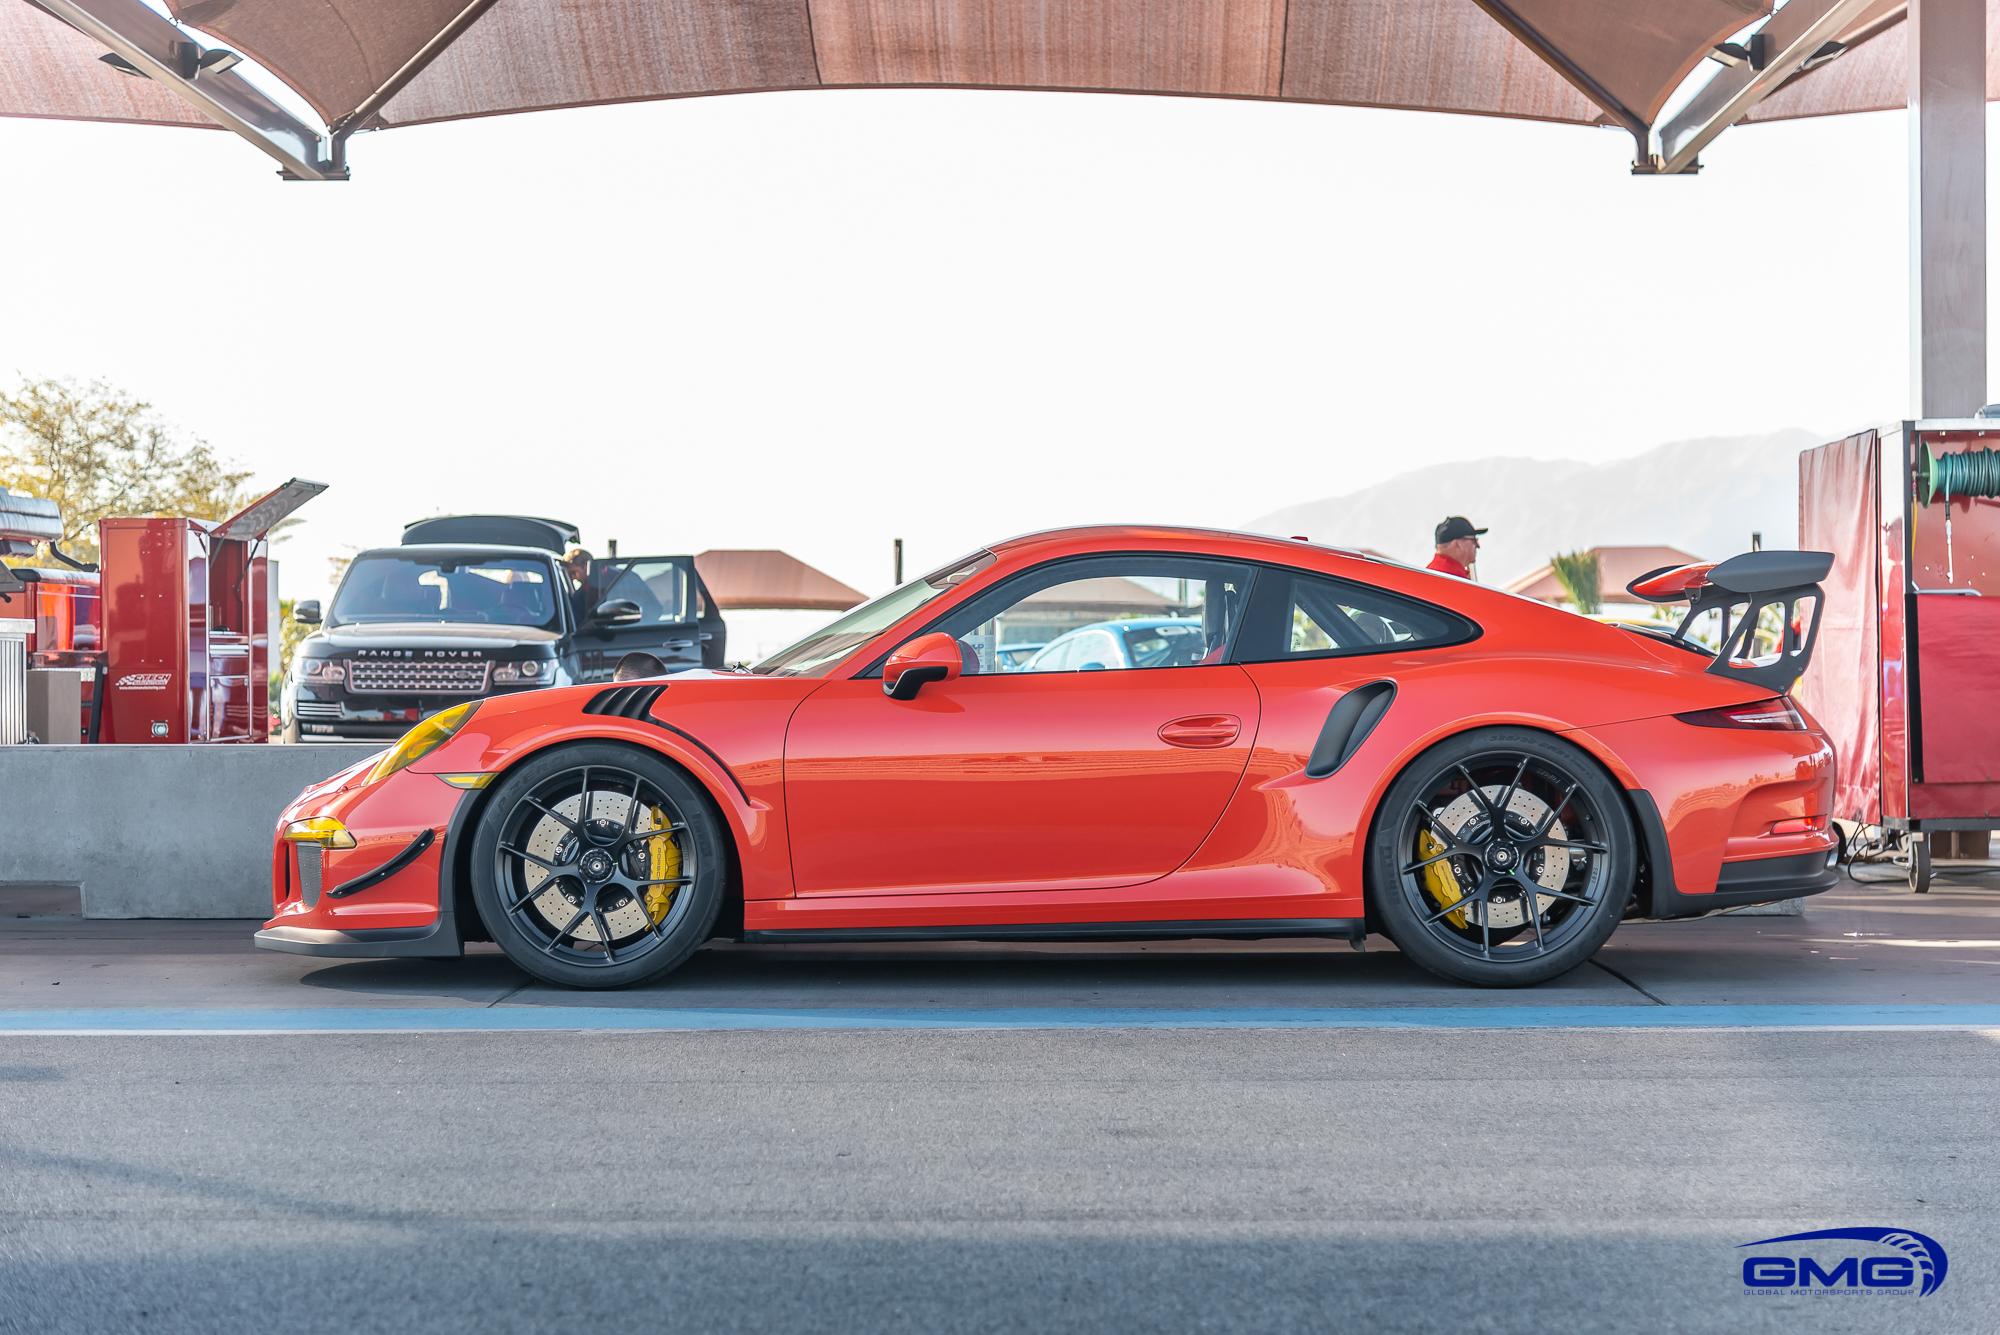 Lava Orange Porsche 991.1 GT3 RS